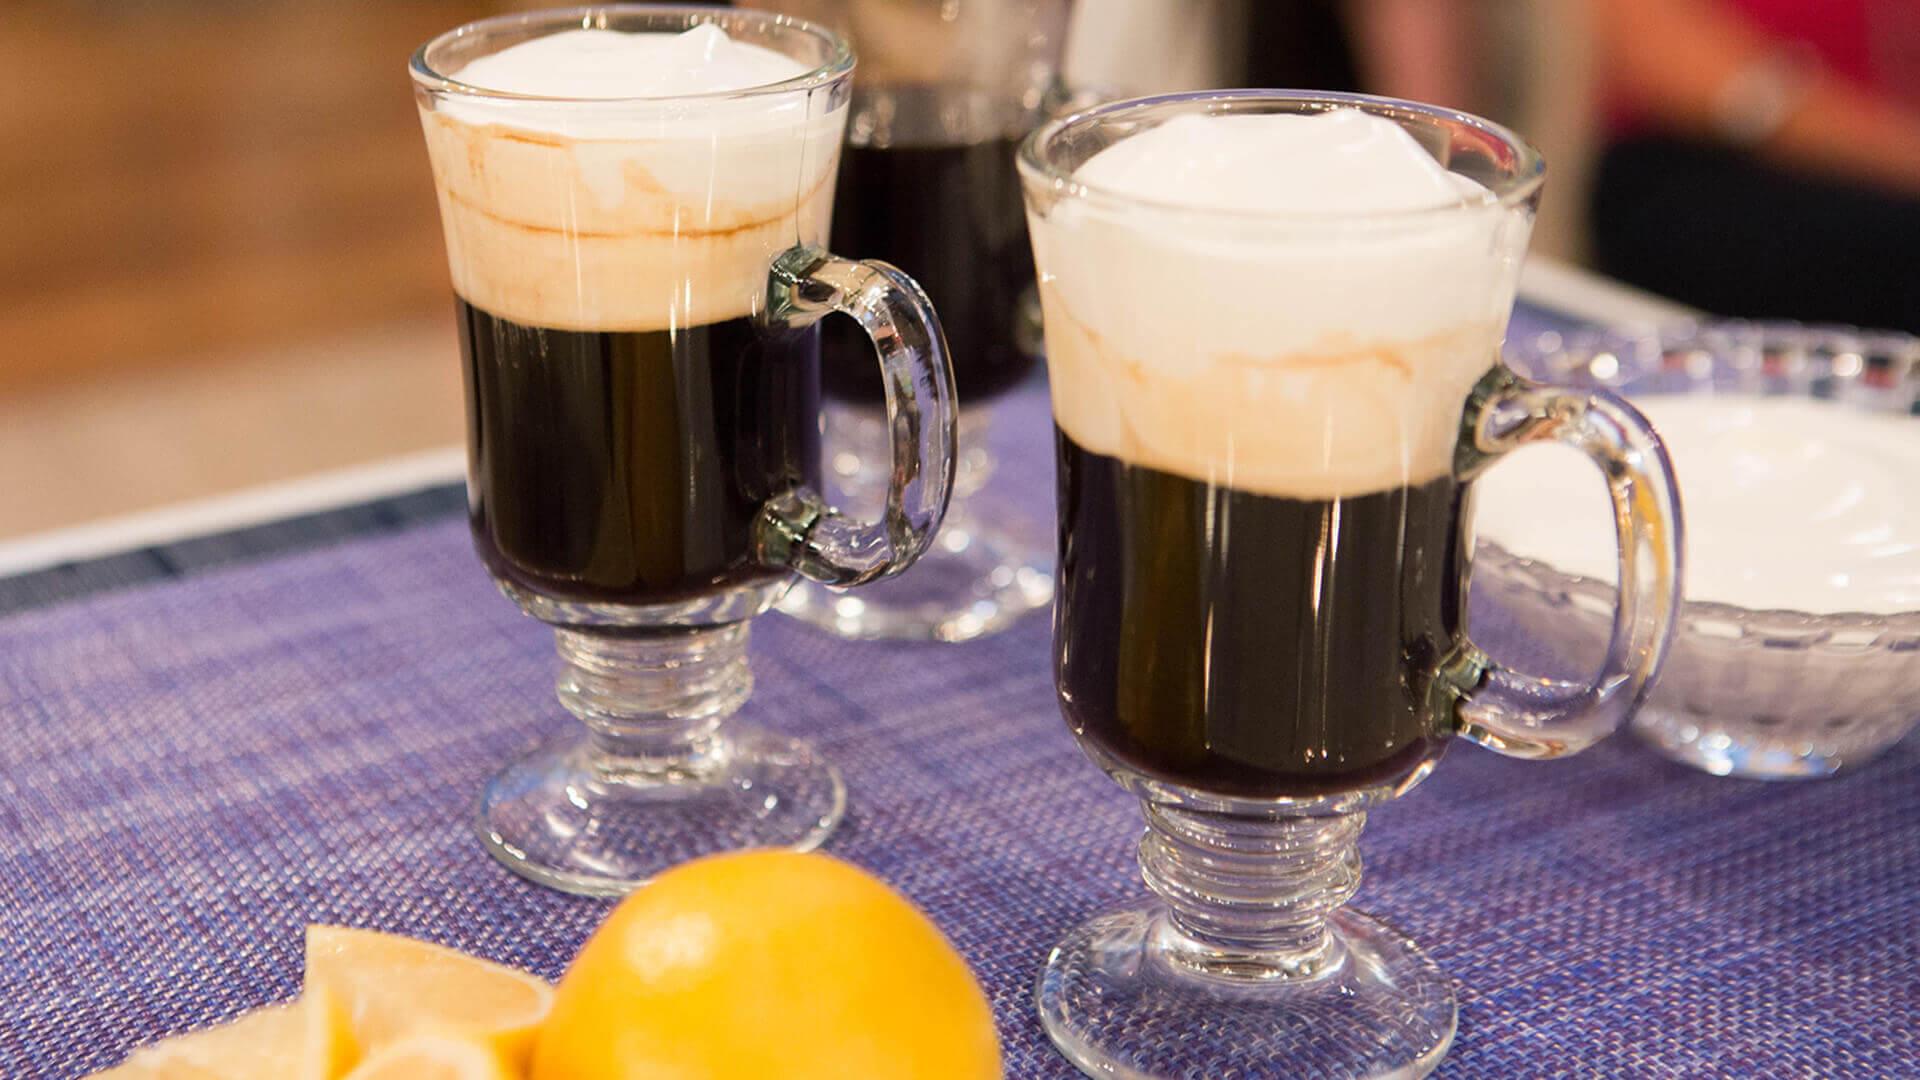 comida tipica de irlanda - café irlandés